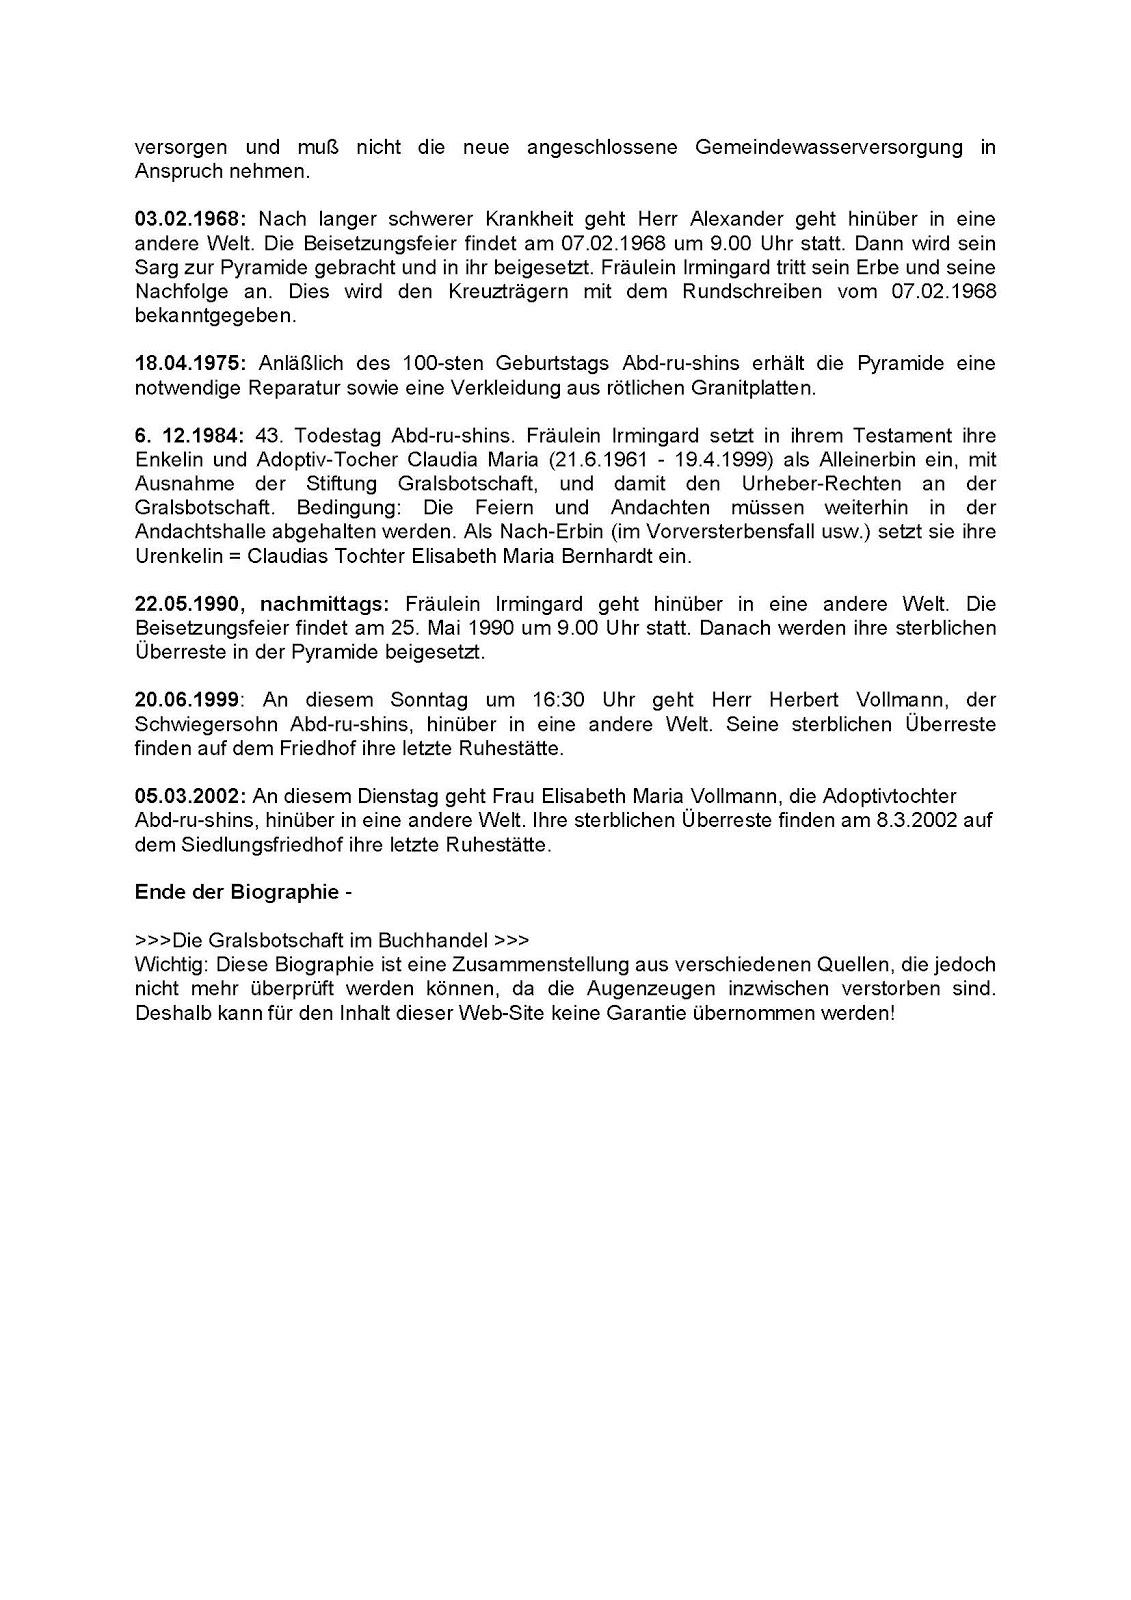 Ausgezeichnet Aufzug Reparaturmann Lebenslauf Zeitgenössisch - Entry ...